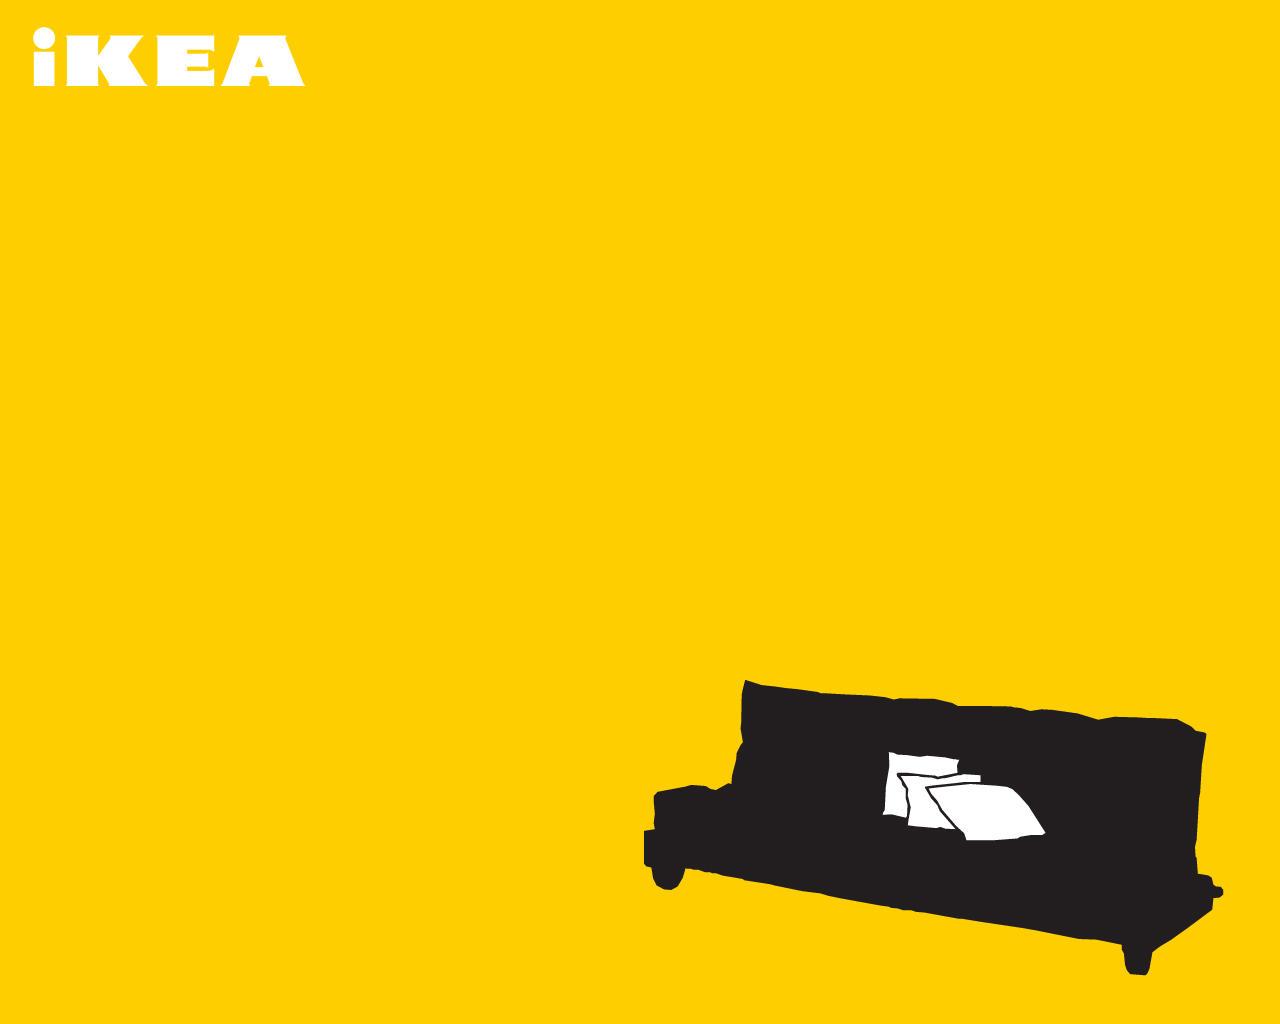 Ikea Wallpaper By Doubleoseven Ikea Wallpaper By Doubleoseven